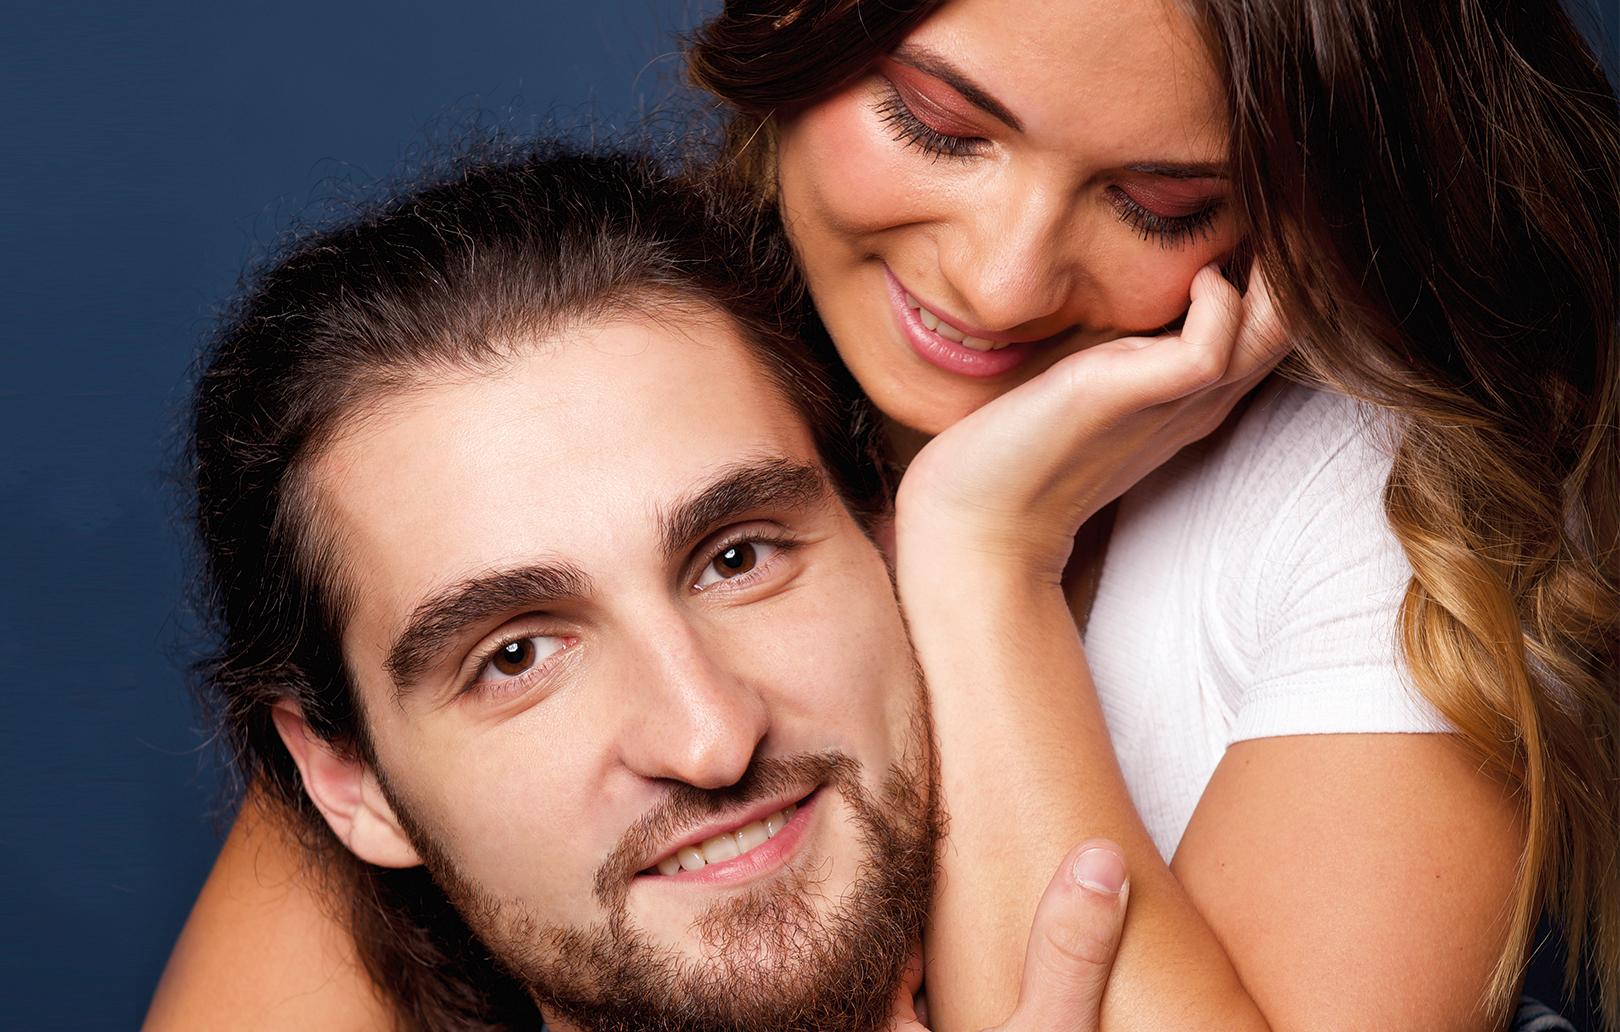 partner-fotoshooting-sindelfingen-bg11617880615